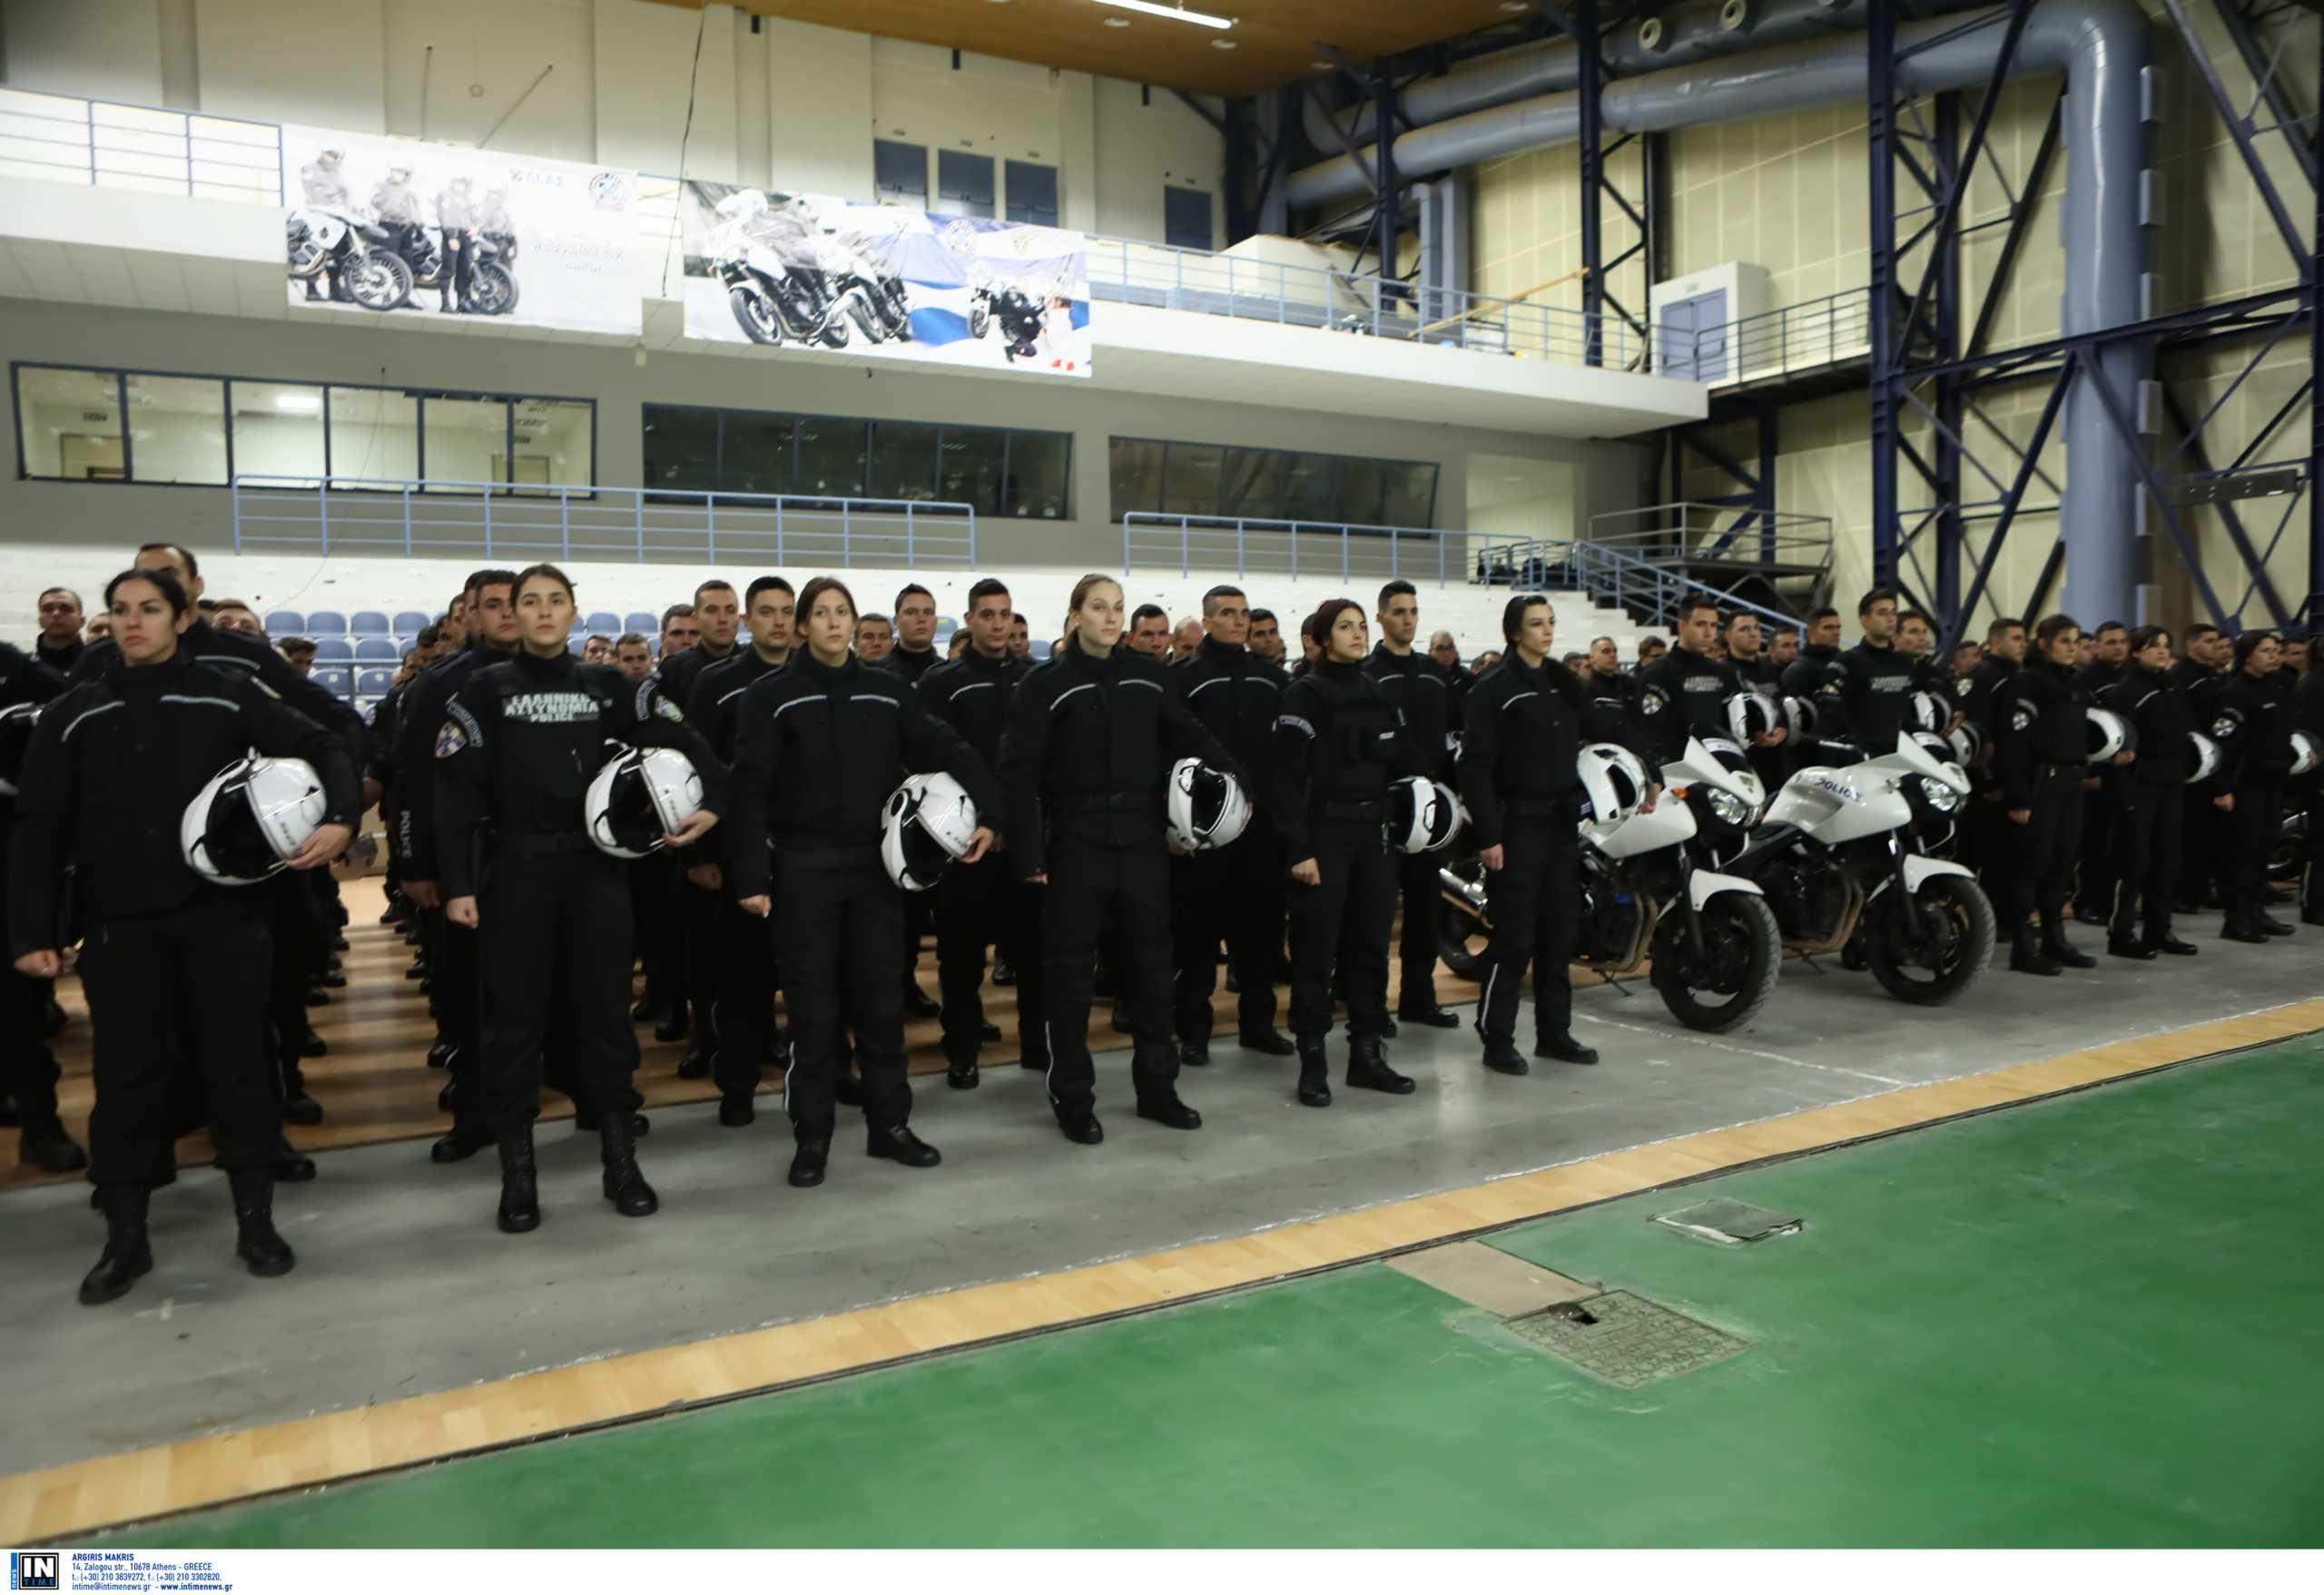 Με κάμερες από σήμερα στις στολές οι αστυνομικοί των ομάδων ΔΡΑΣΗ και ΟΠΚΕ